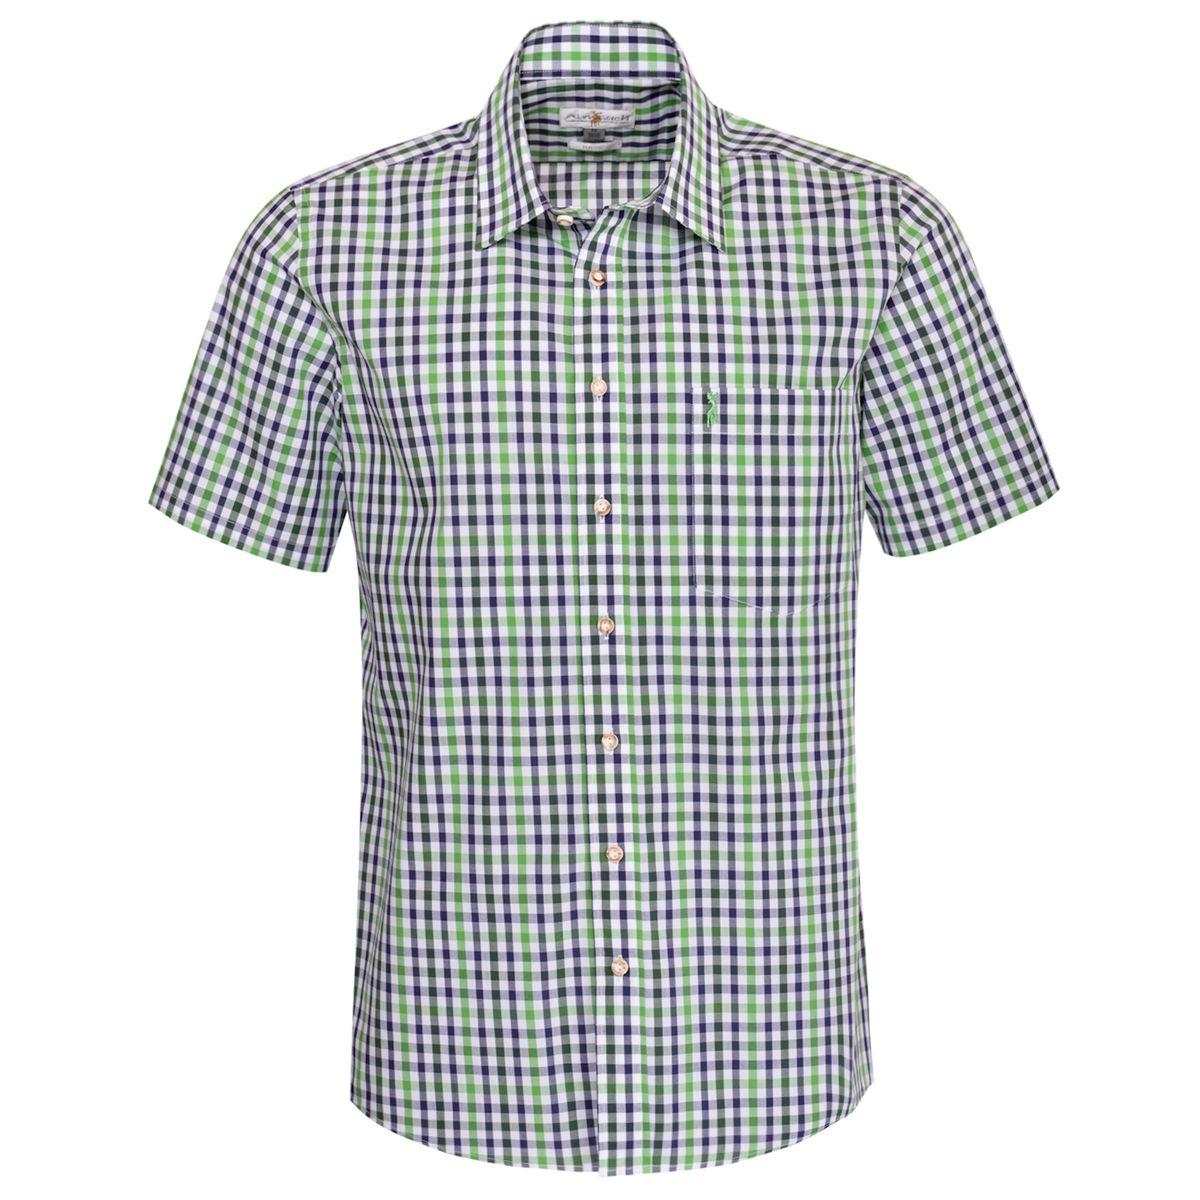 Kurzarm Trachtenhemd Fonsi Regular Fit zweibrig in Hellgrün und Dunkelgrün von Almsach günstig online kaufen